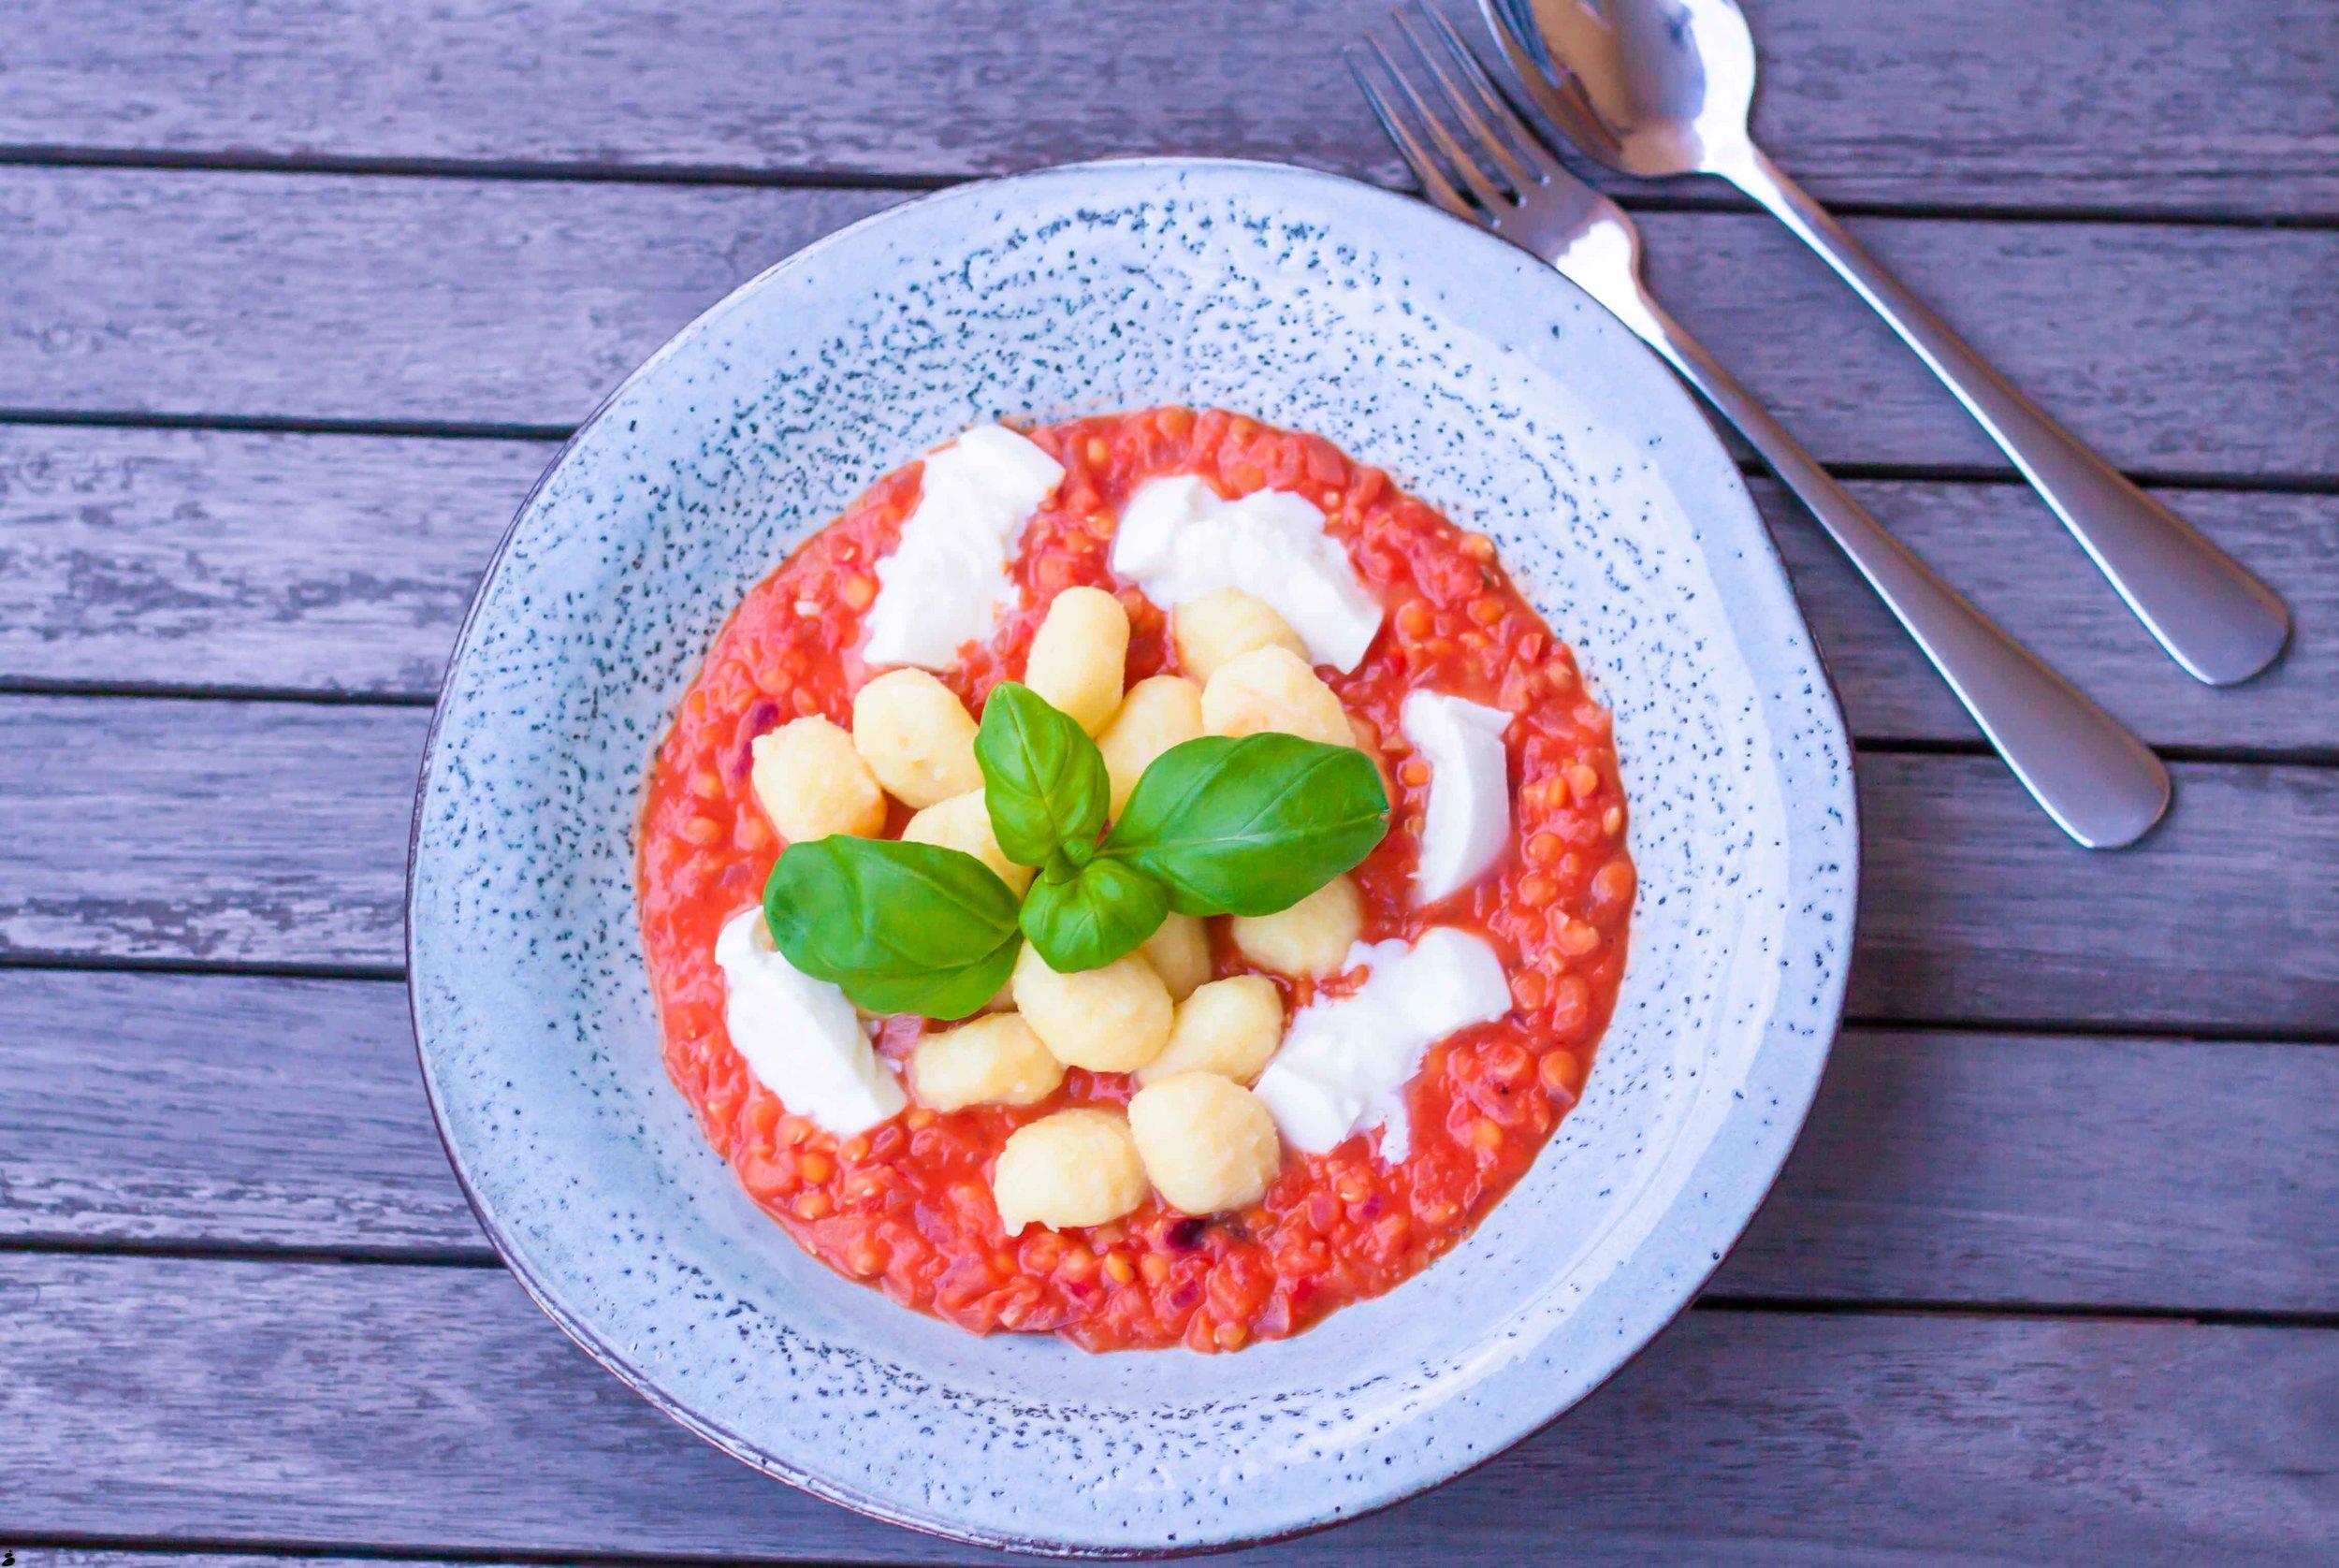 Gnocchi med tomatsås och mozzarella. Corinne Grönholm matblogg.